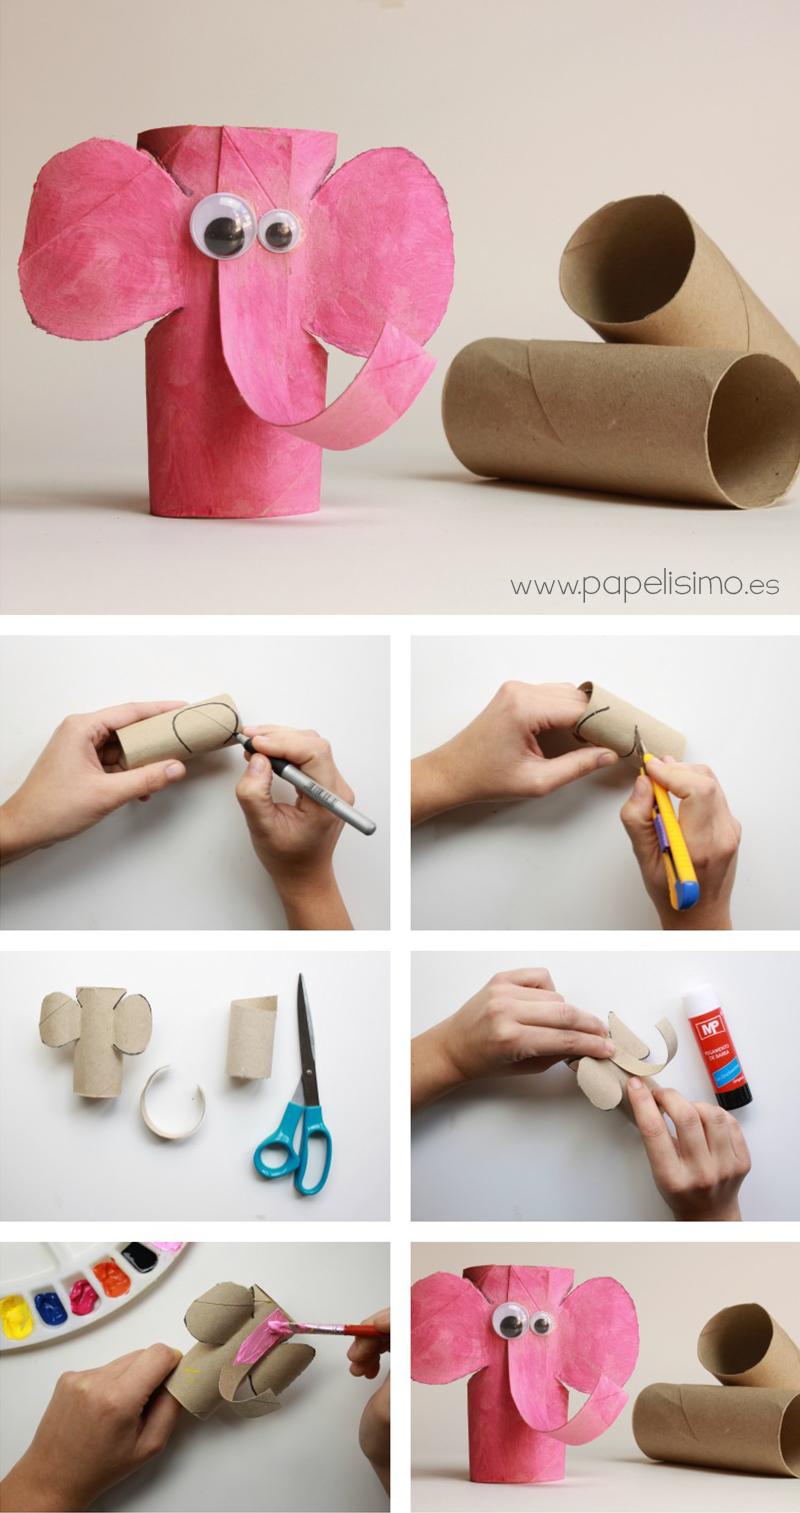 bricolage-avec-rouleau-papier-toilette-8